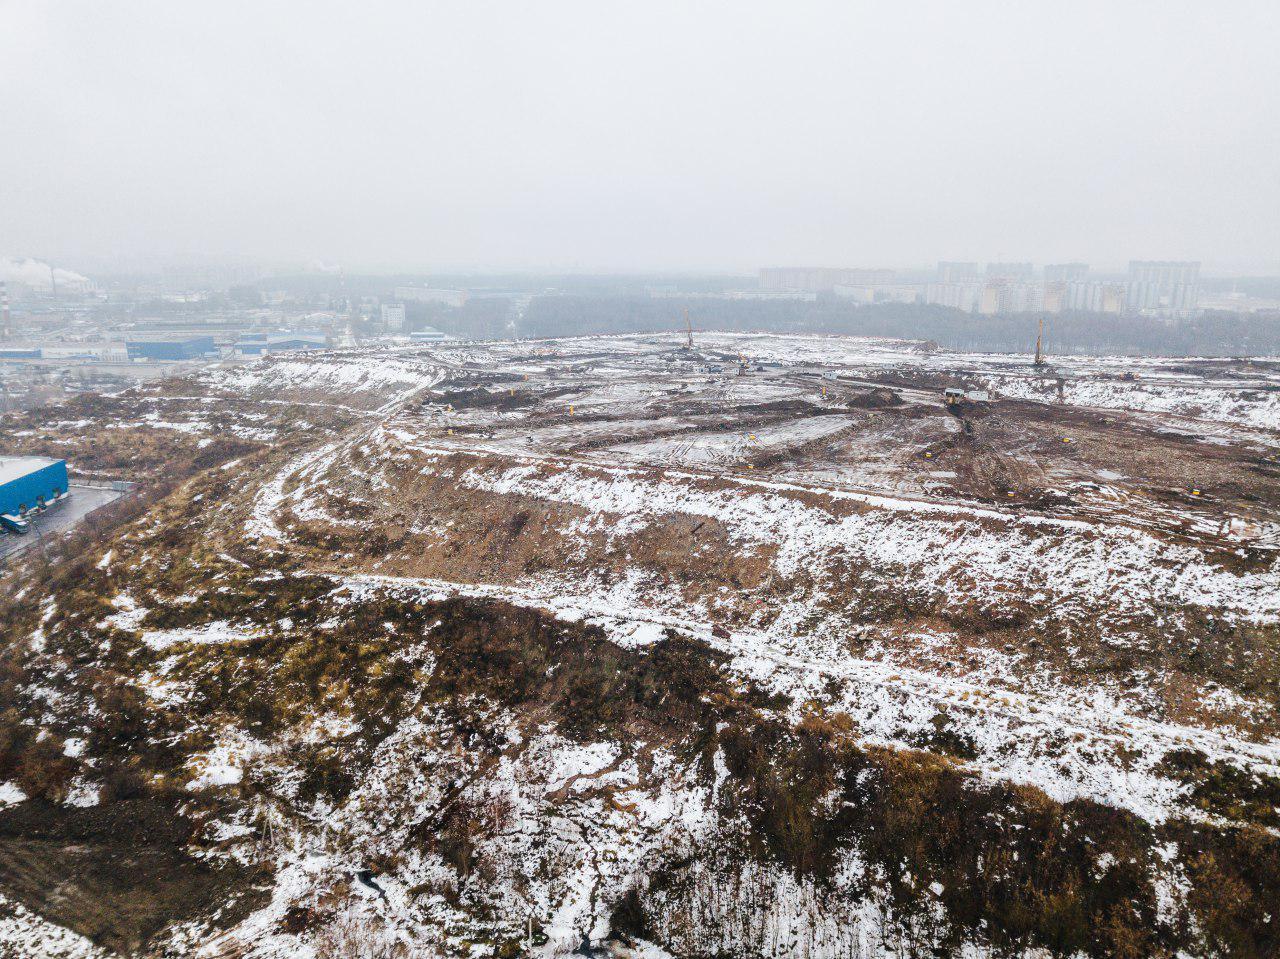 Роспотребнадзор и МЧС назвали причину вони в Москве – работы на той самой свалке в Балашихе